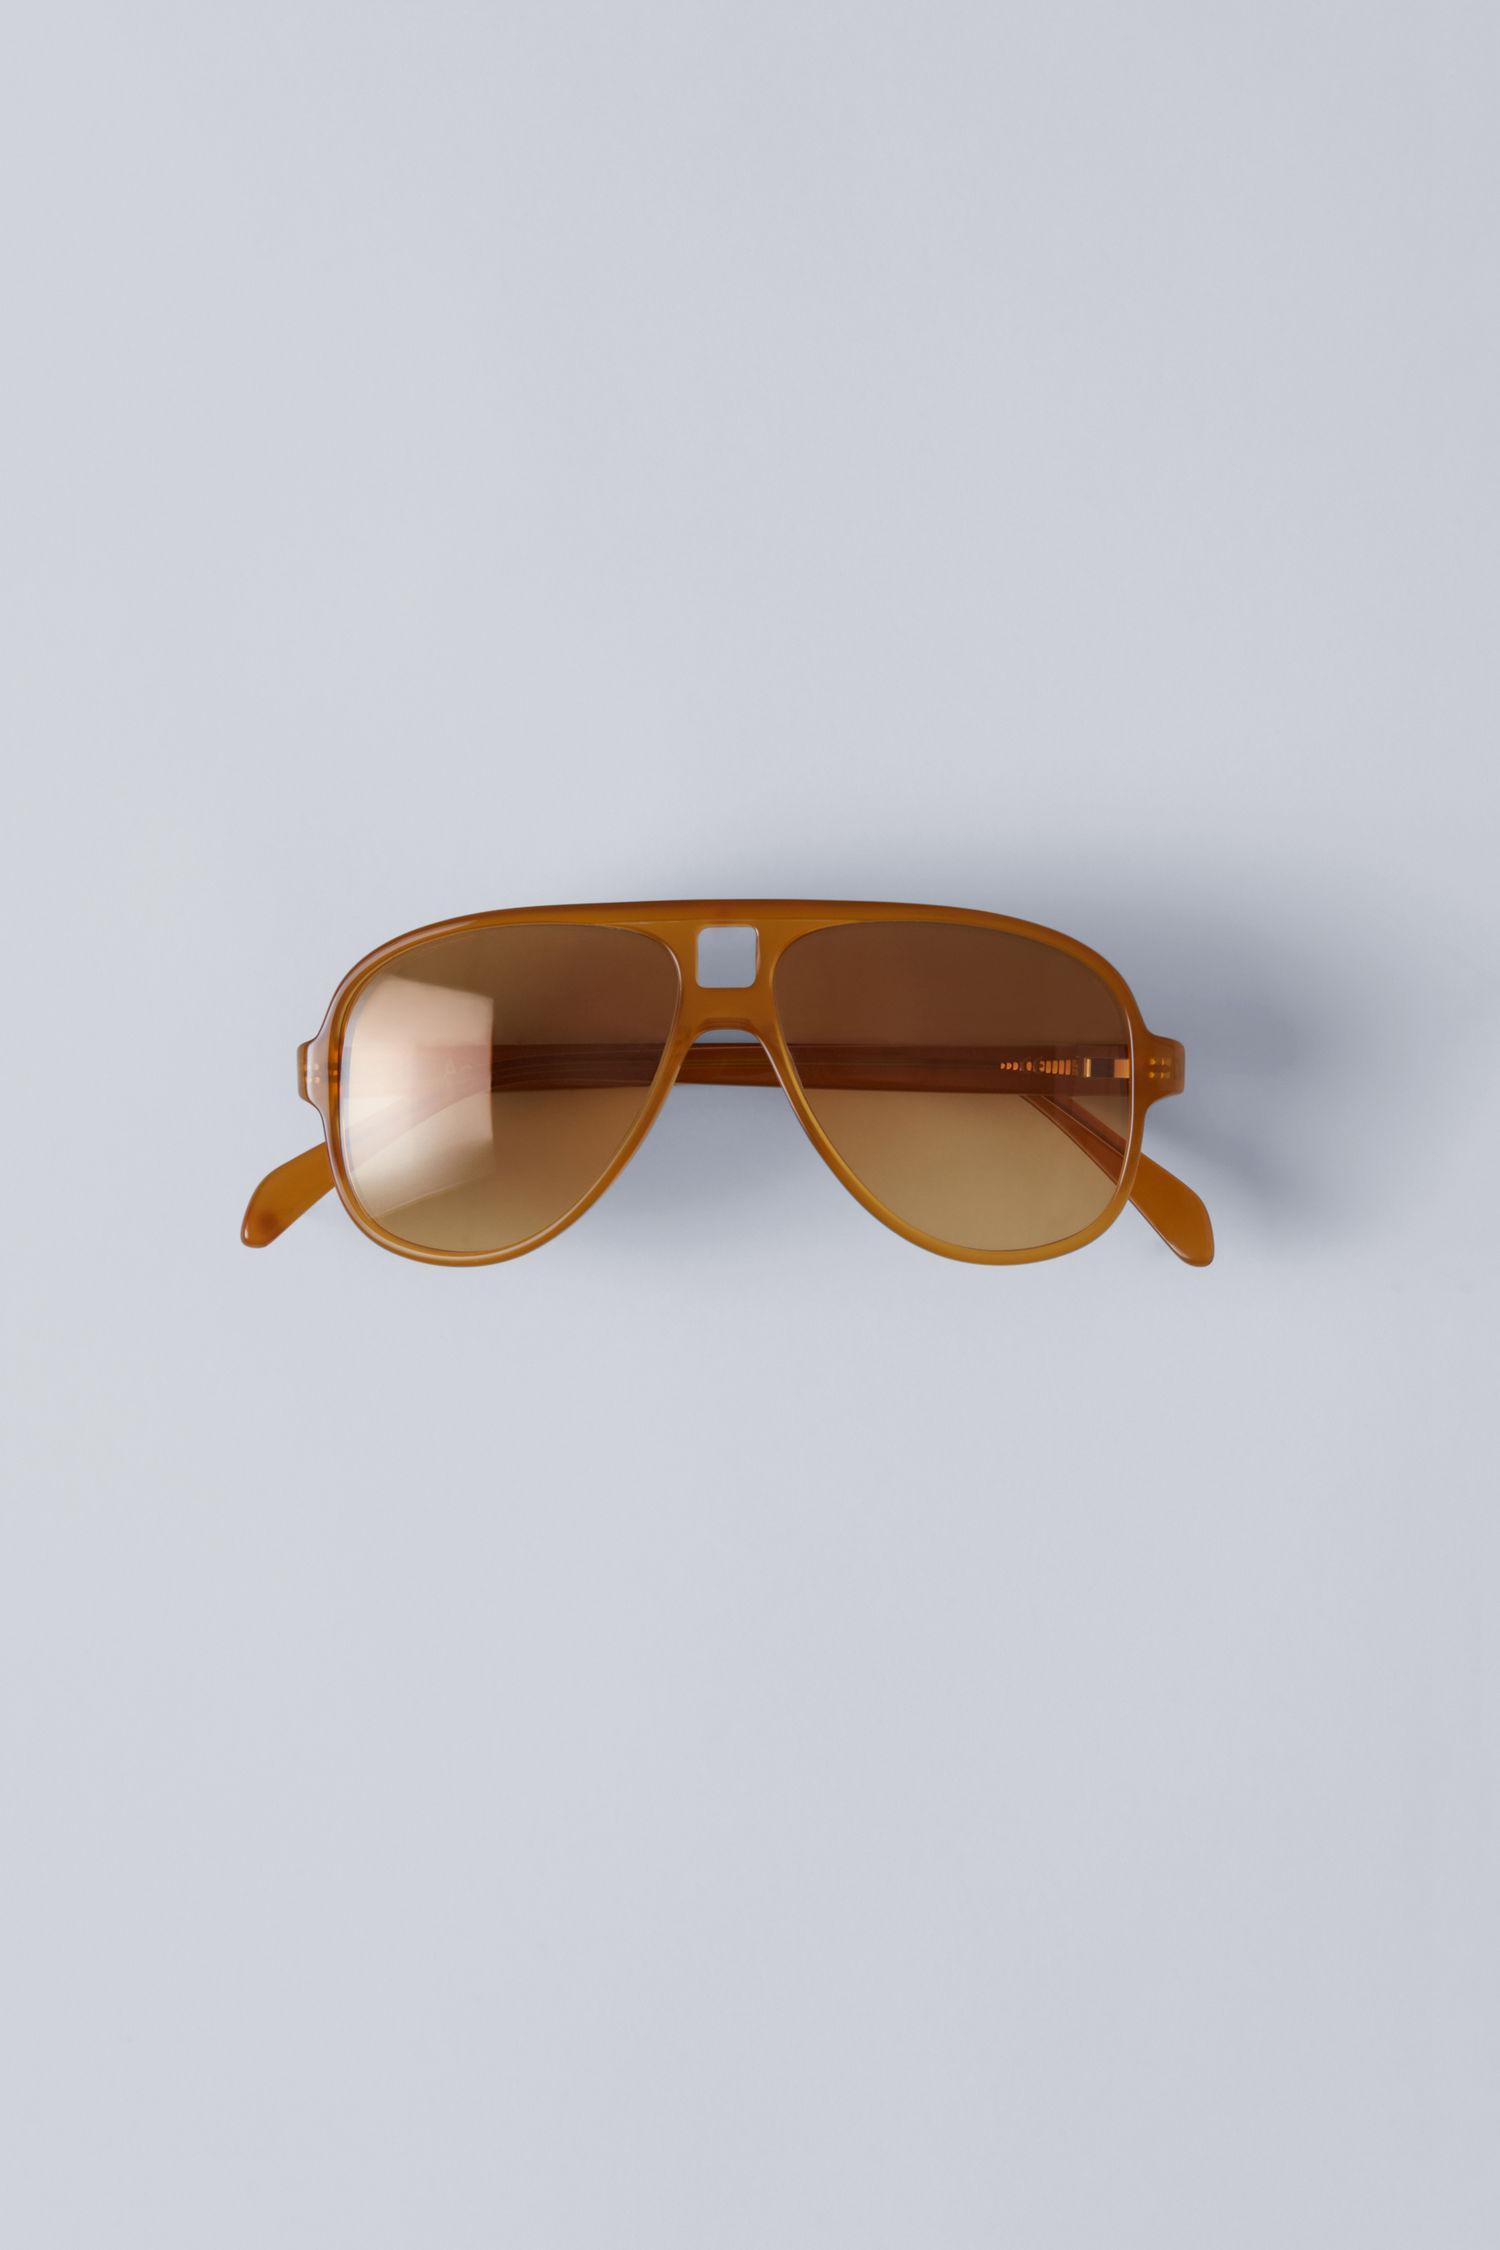 Acne Studios Sonnenbrille Hole Tortoise 8MZM7